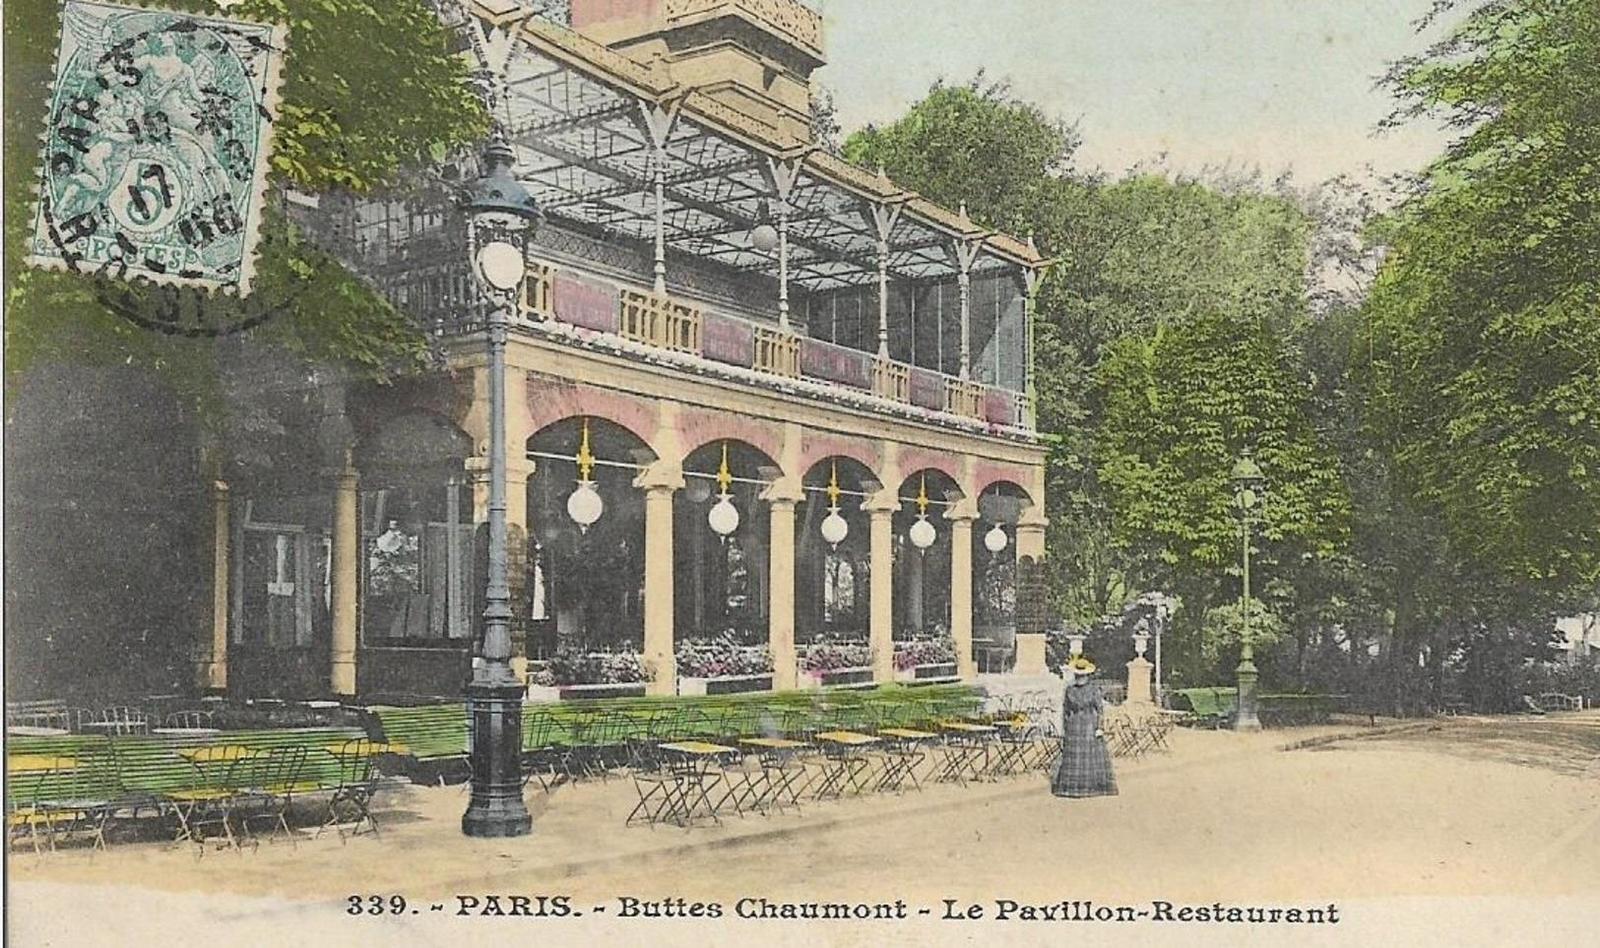 Paris - CPA. PARIS. BUTTES CHAUMONT. LE PAVILLON RESTAURANT. 1906.